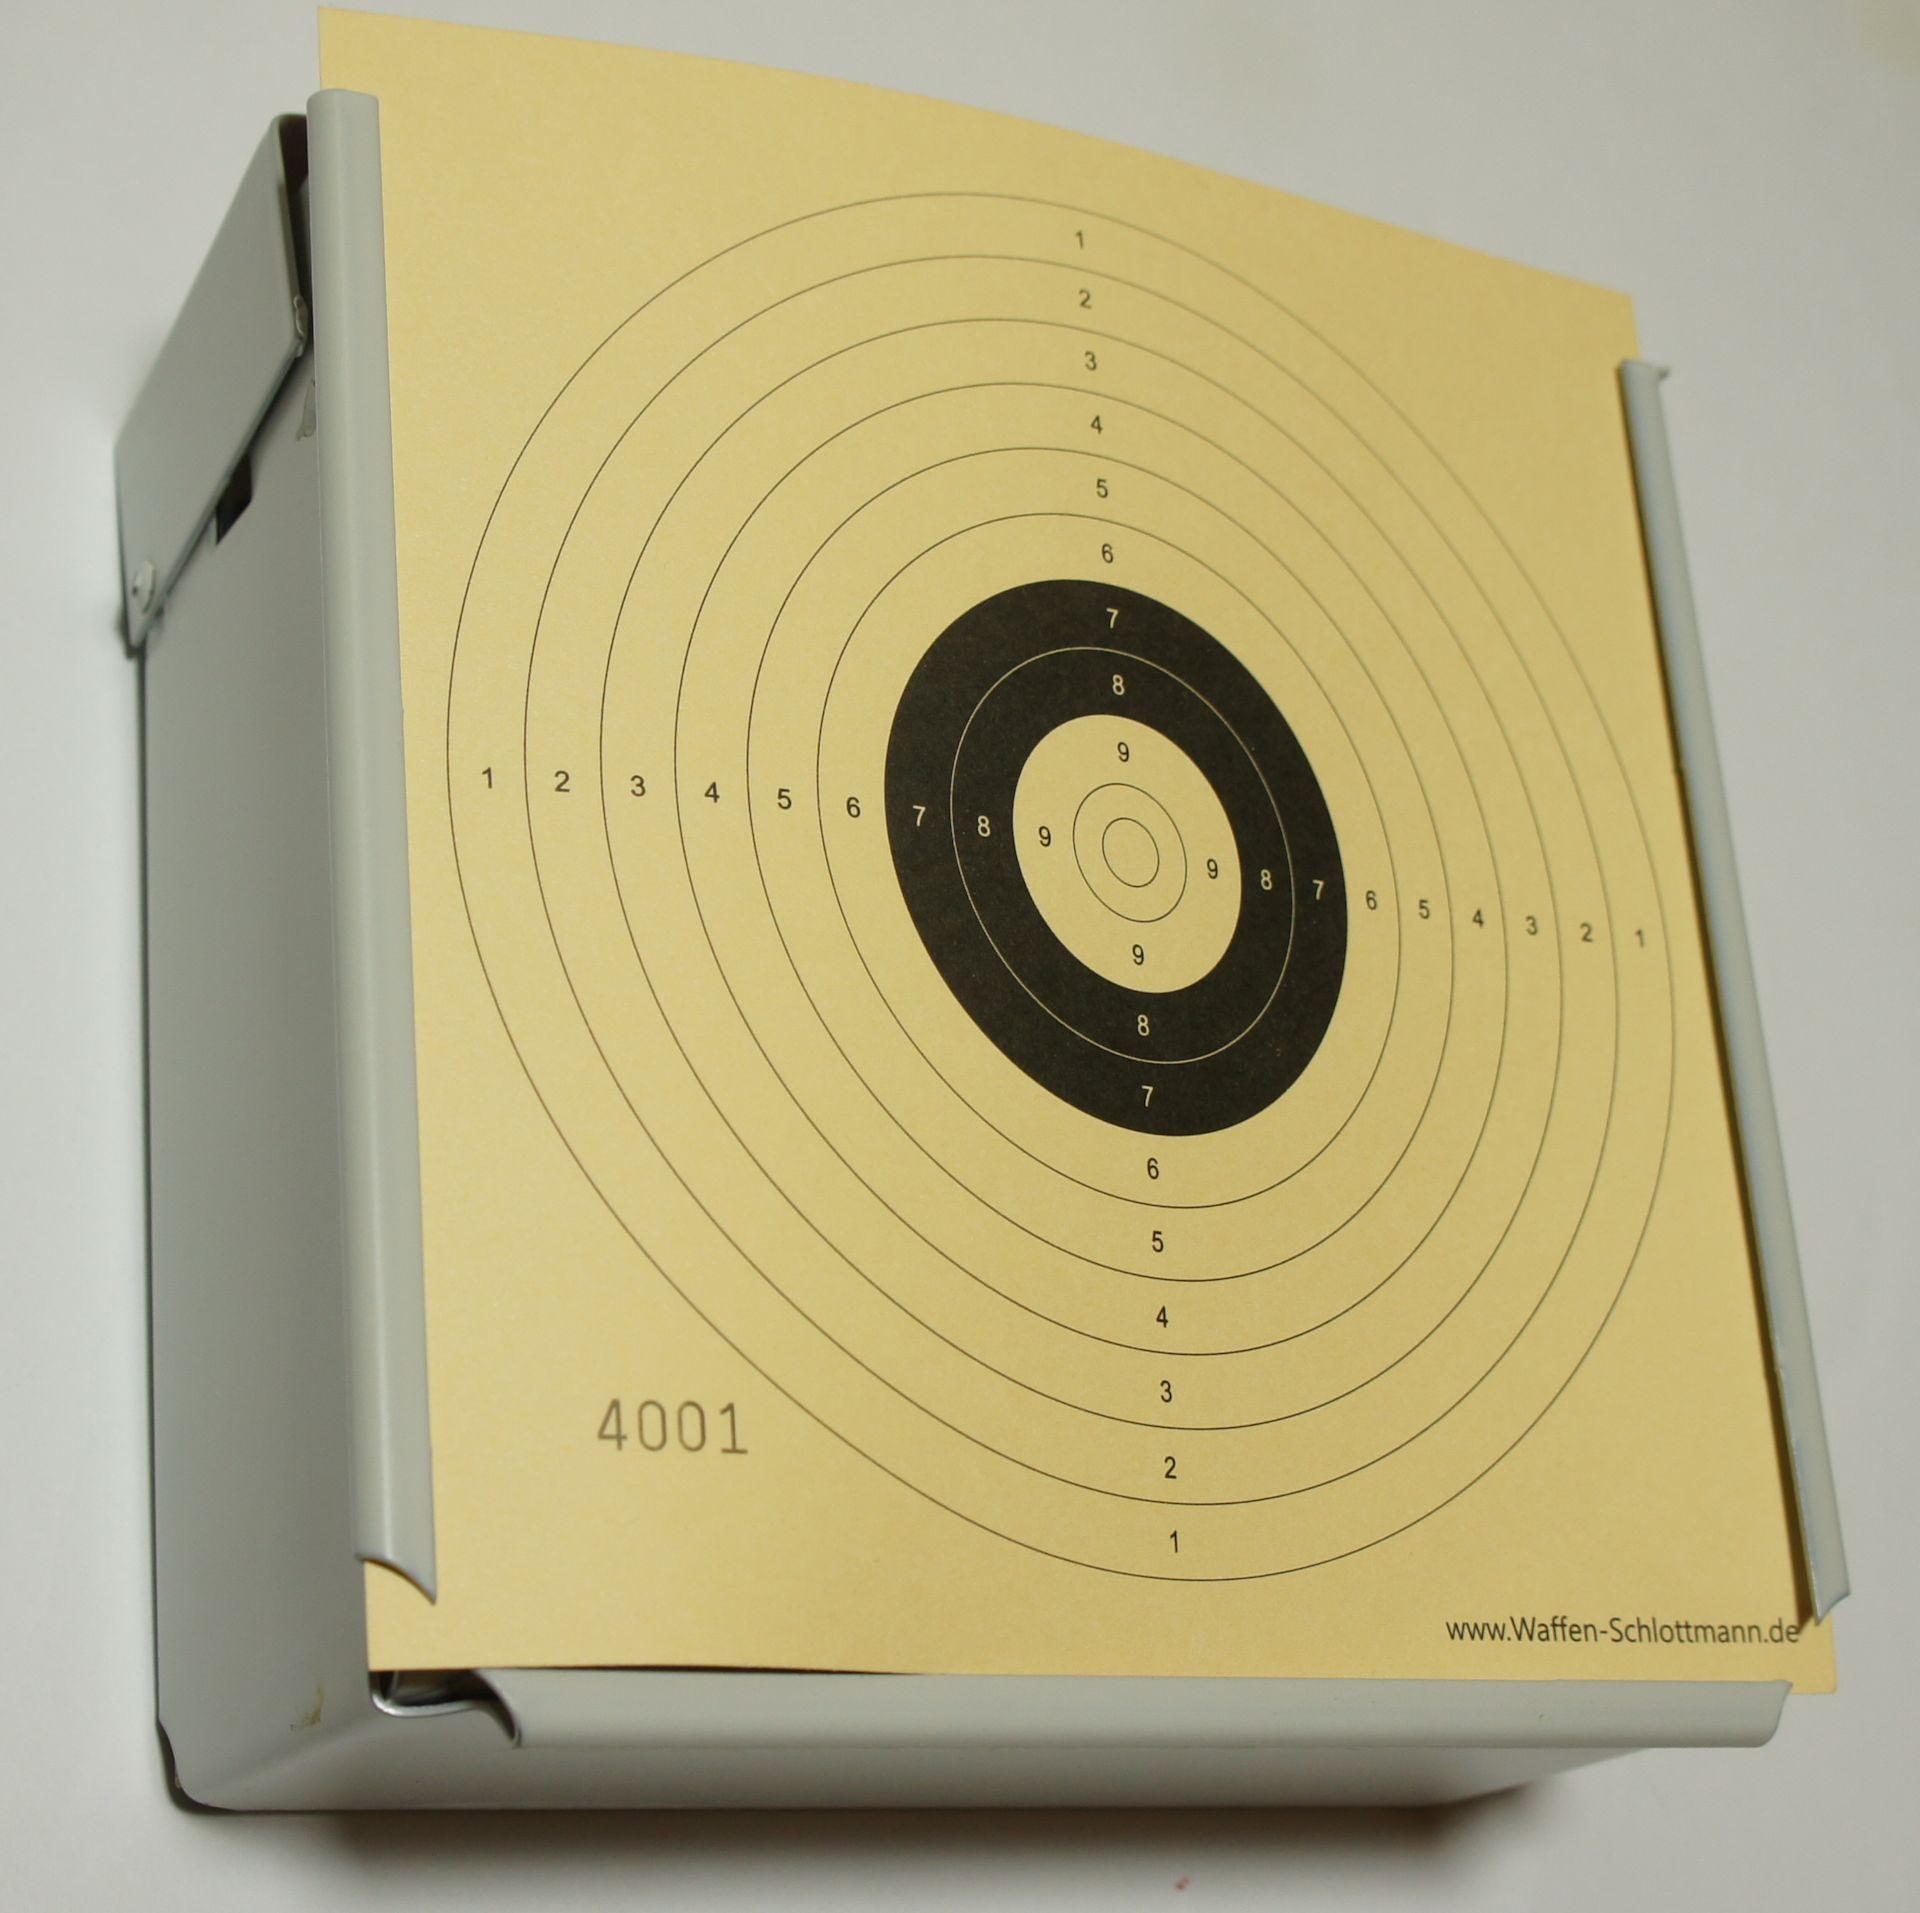 Kombinationsbeispiel mit <a href=1310603.htm> Scheibenkasten im Format 17x17cm</a>